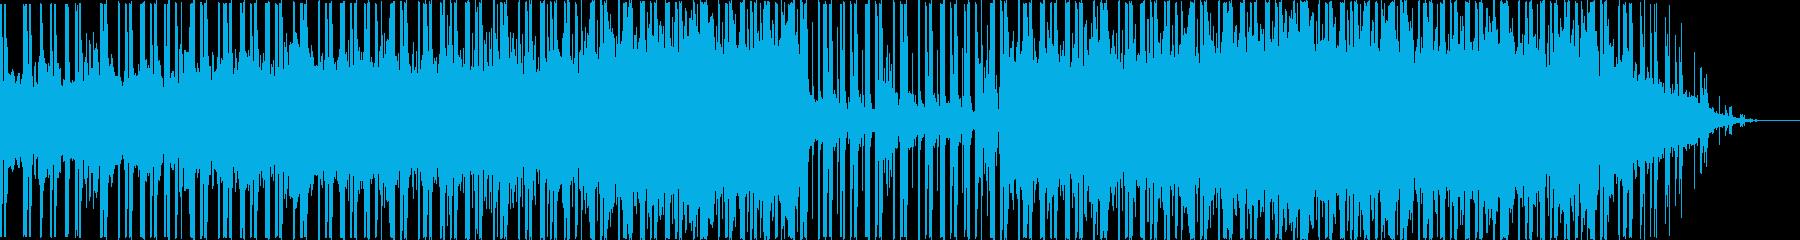 アルバム制作やビデオゲームに対応し...の再生済みの波形